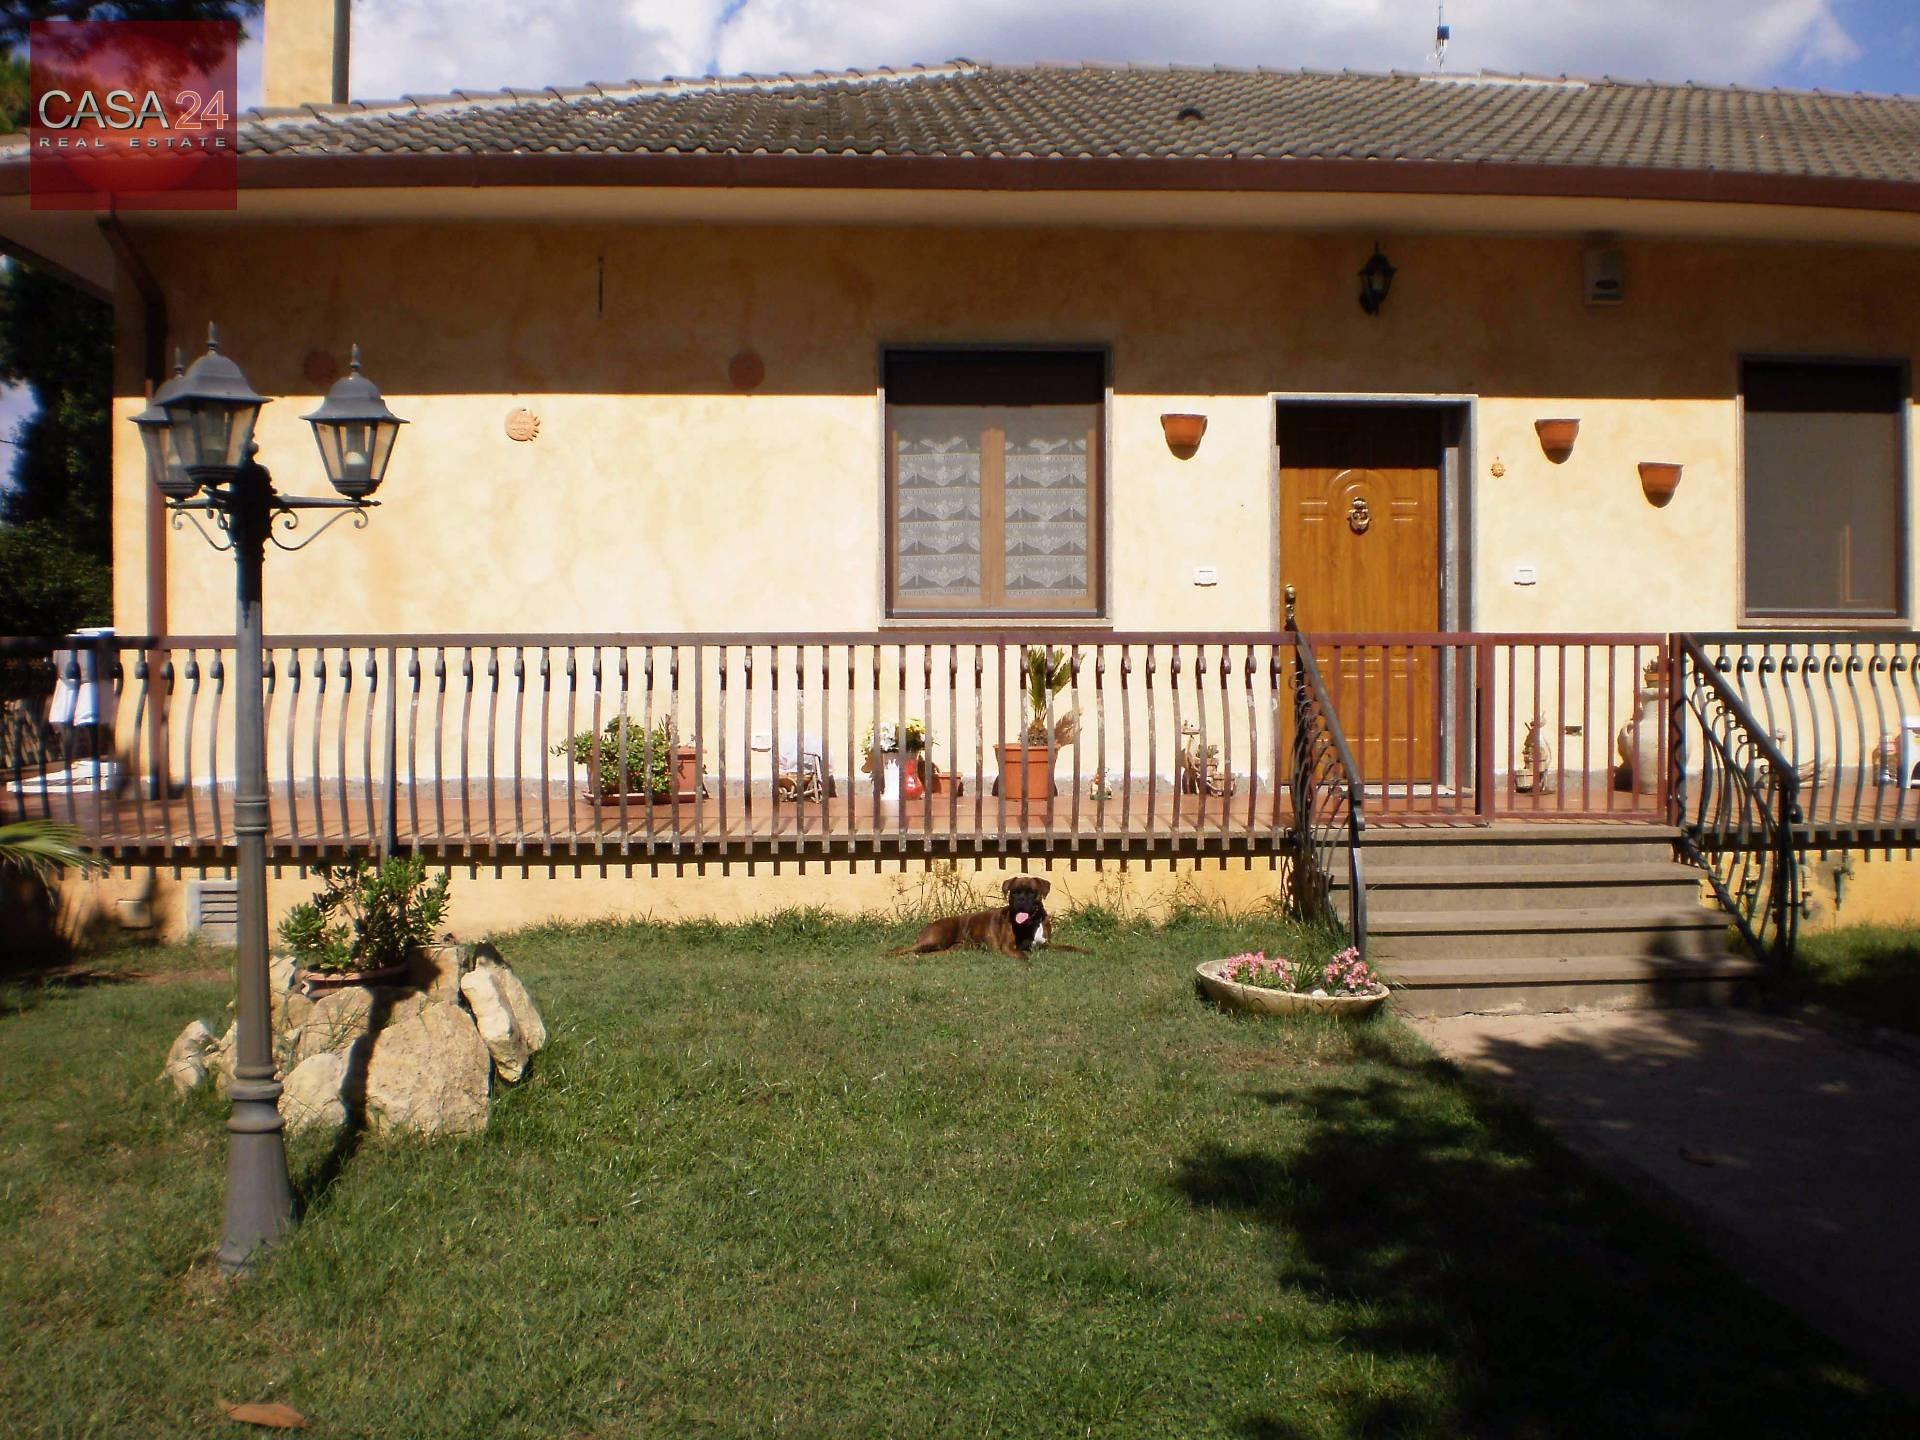 Villa in vendita a Latina, 5 locali, zona Località: BorgoSabotino, prezzo € 195.000   CambioCasa.it